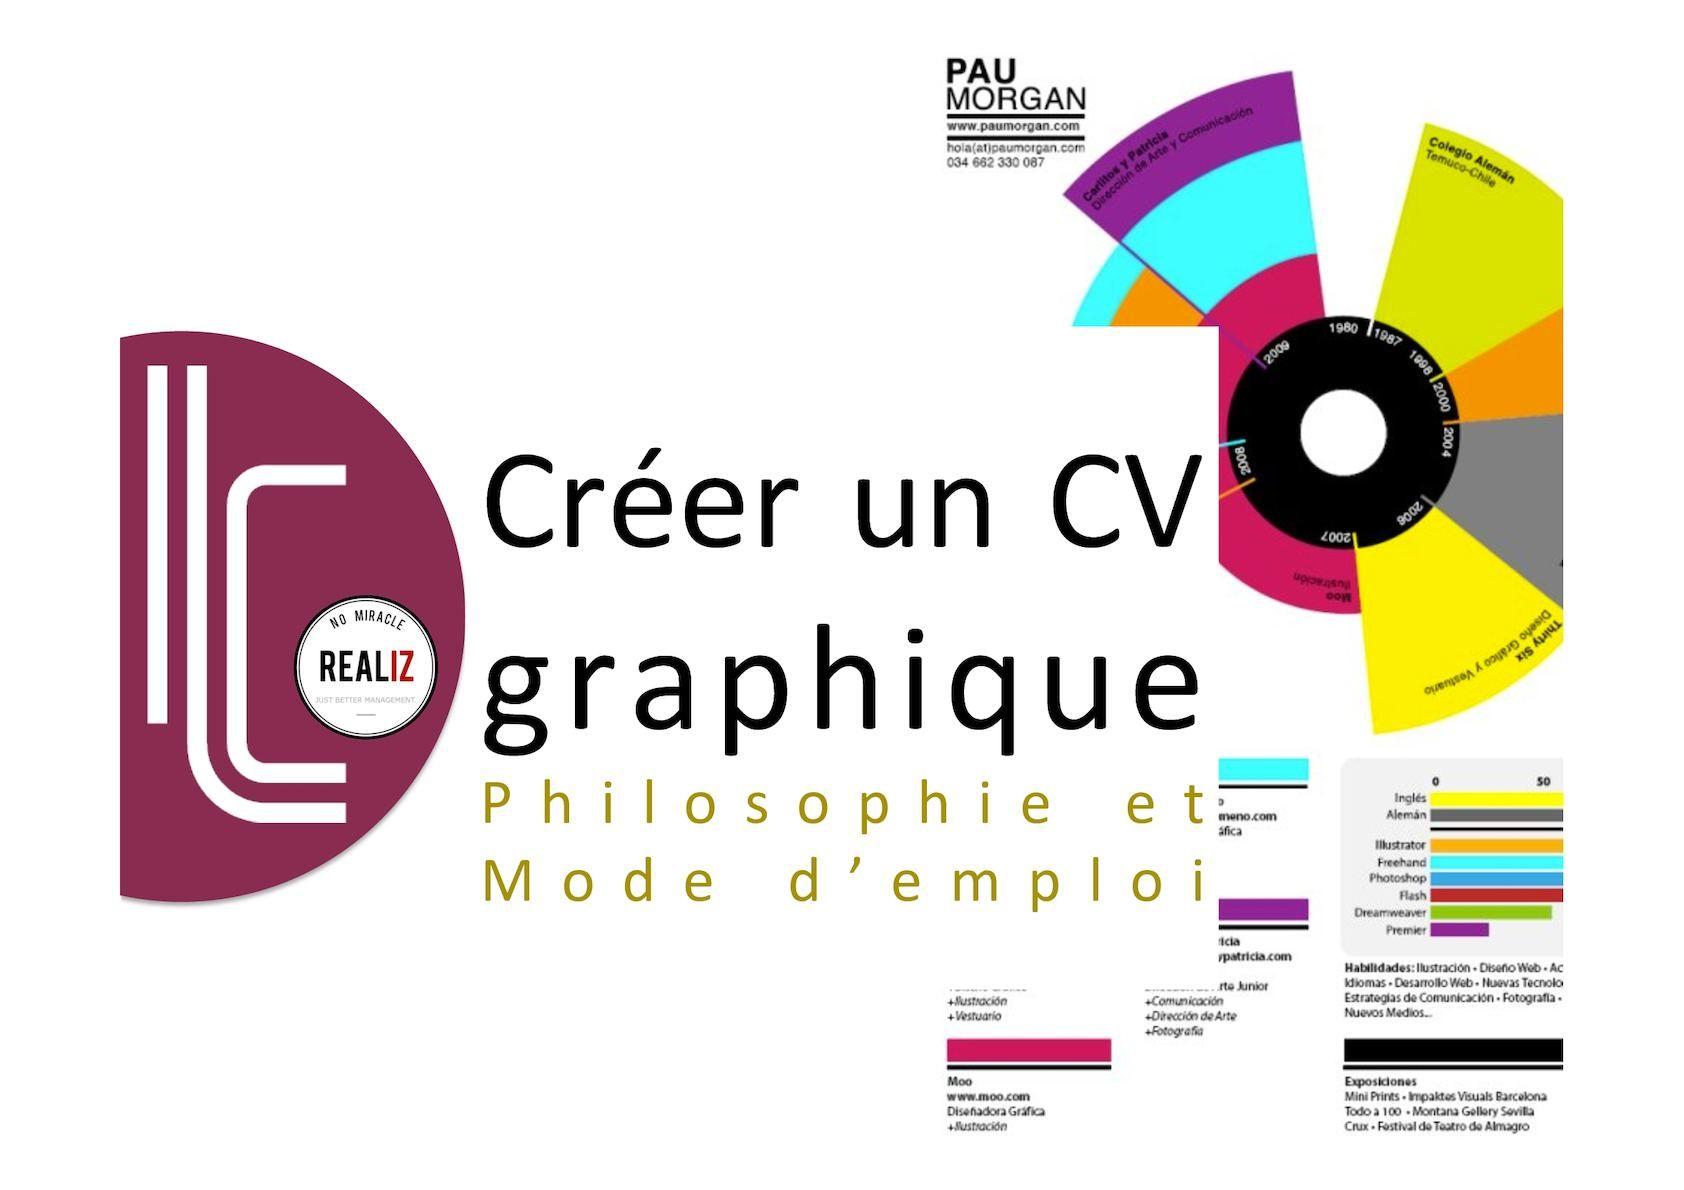 S'imaginer un CV design outils et philo